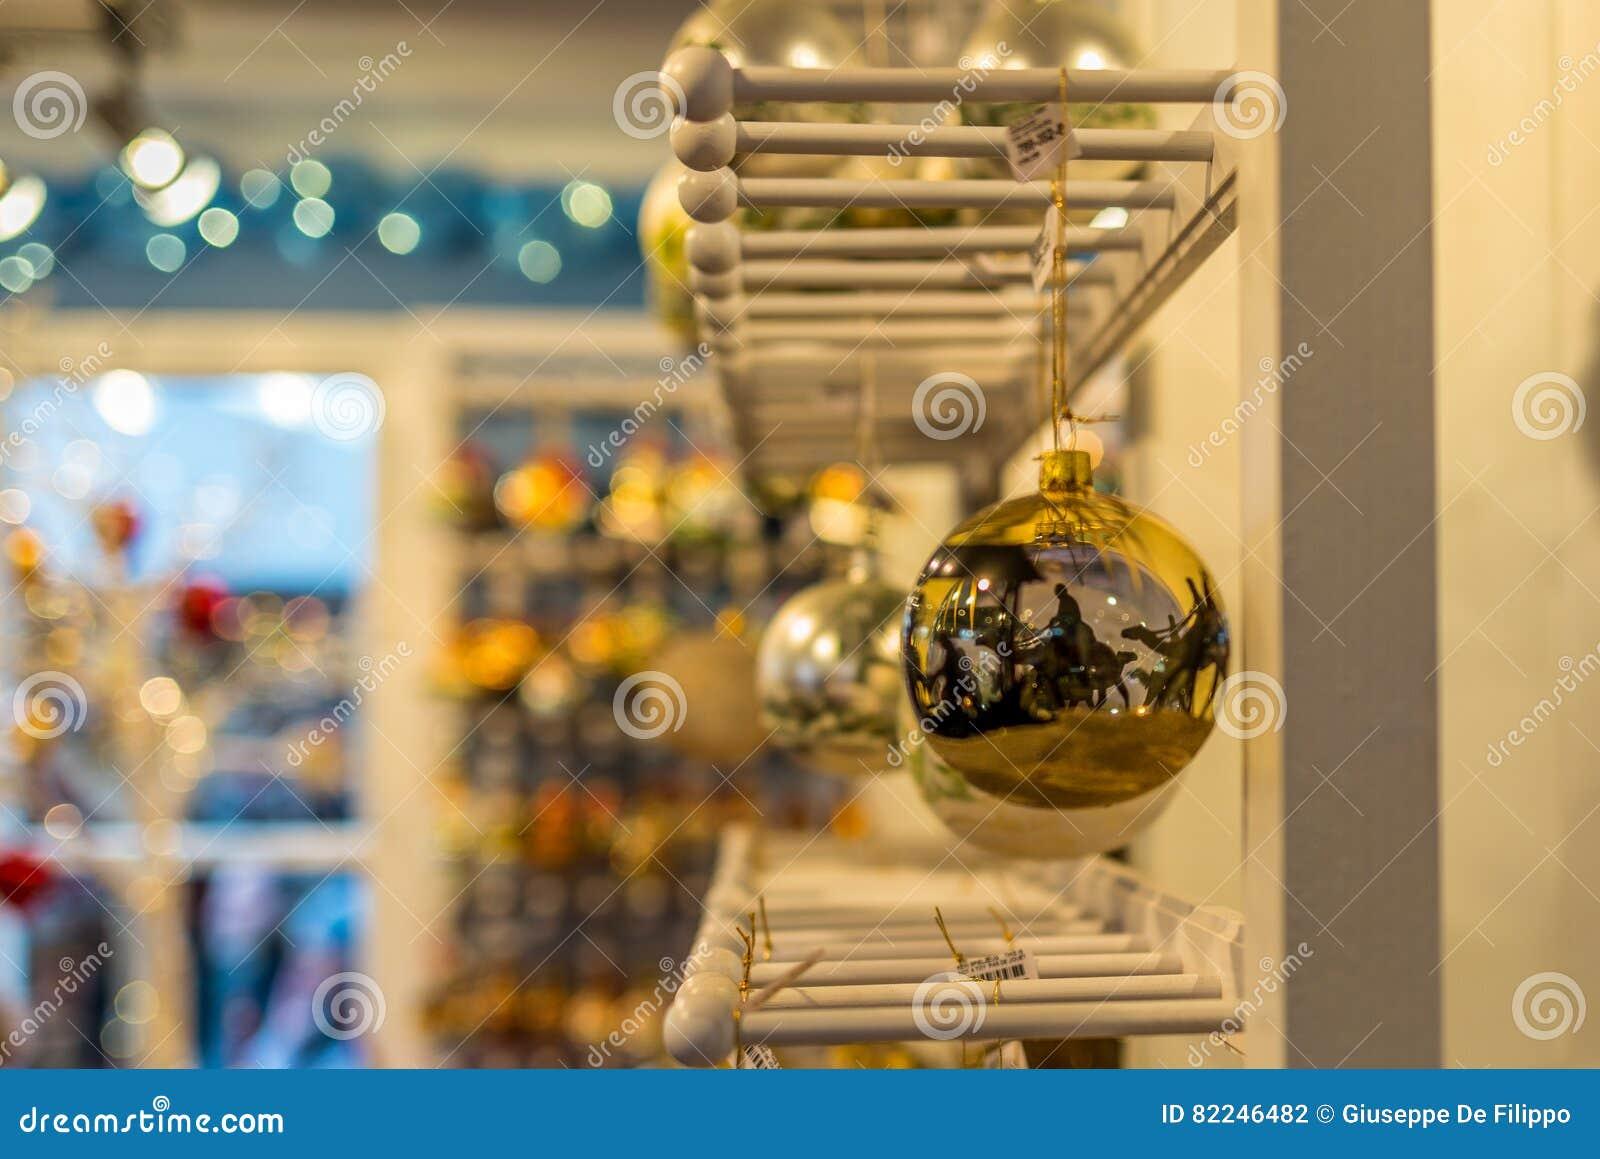 Decorações feitos à mão em um mercado do Natal